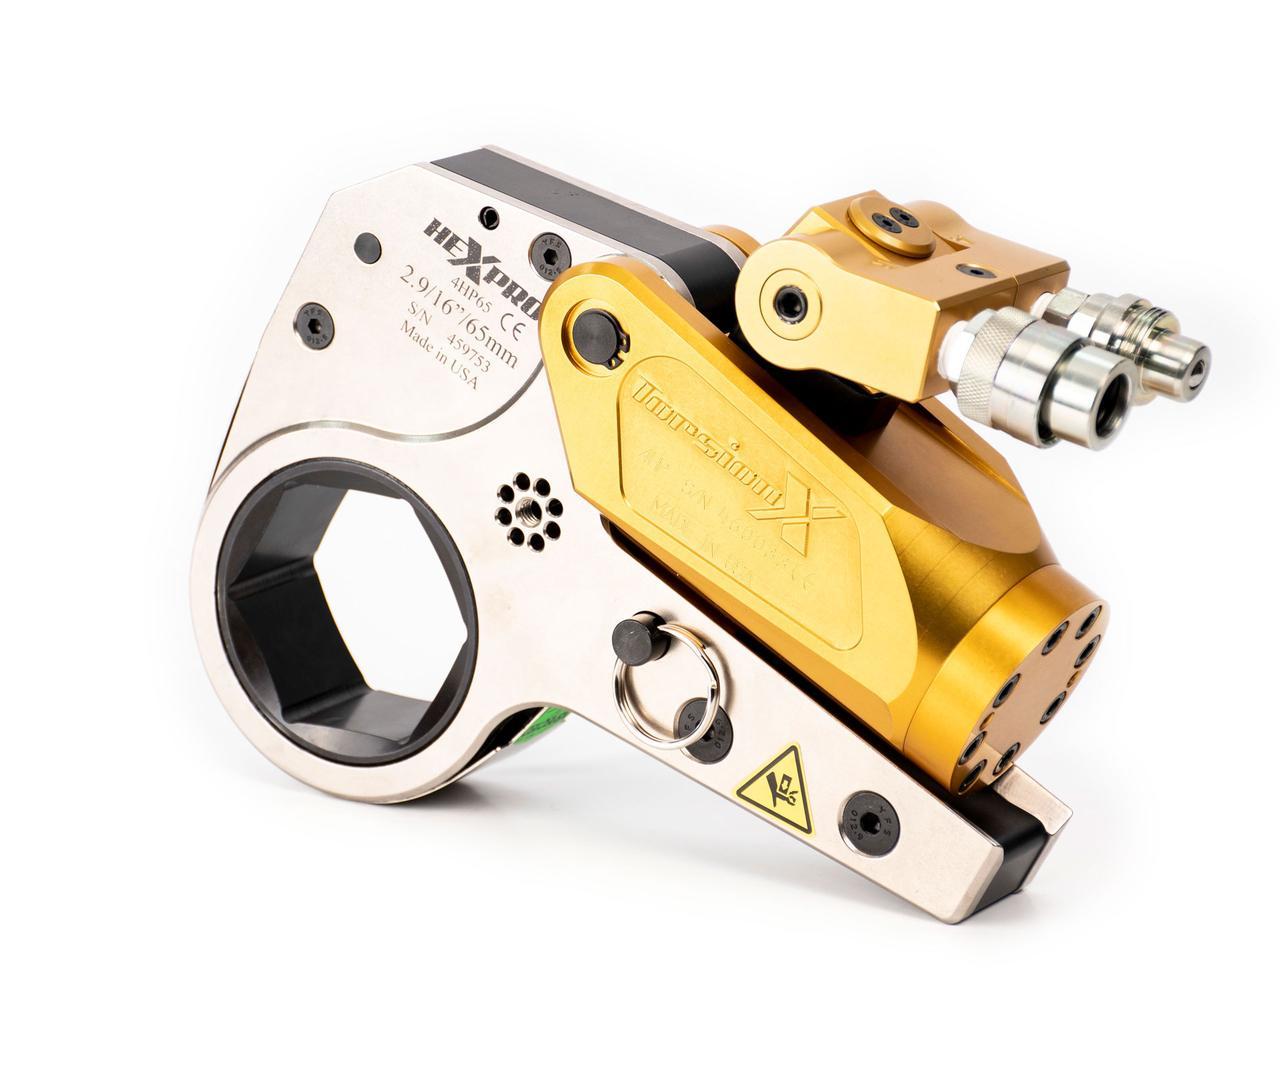 Ключи кассетные гидравлические с крутящим моментом TorsionX (220 Hm - 39,130 Nm)